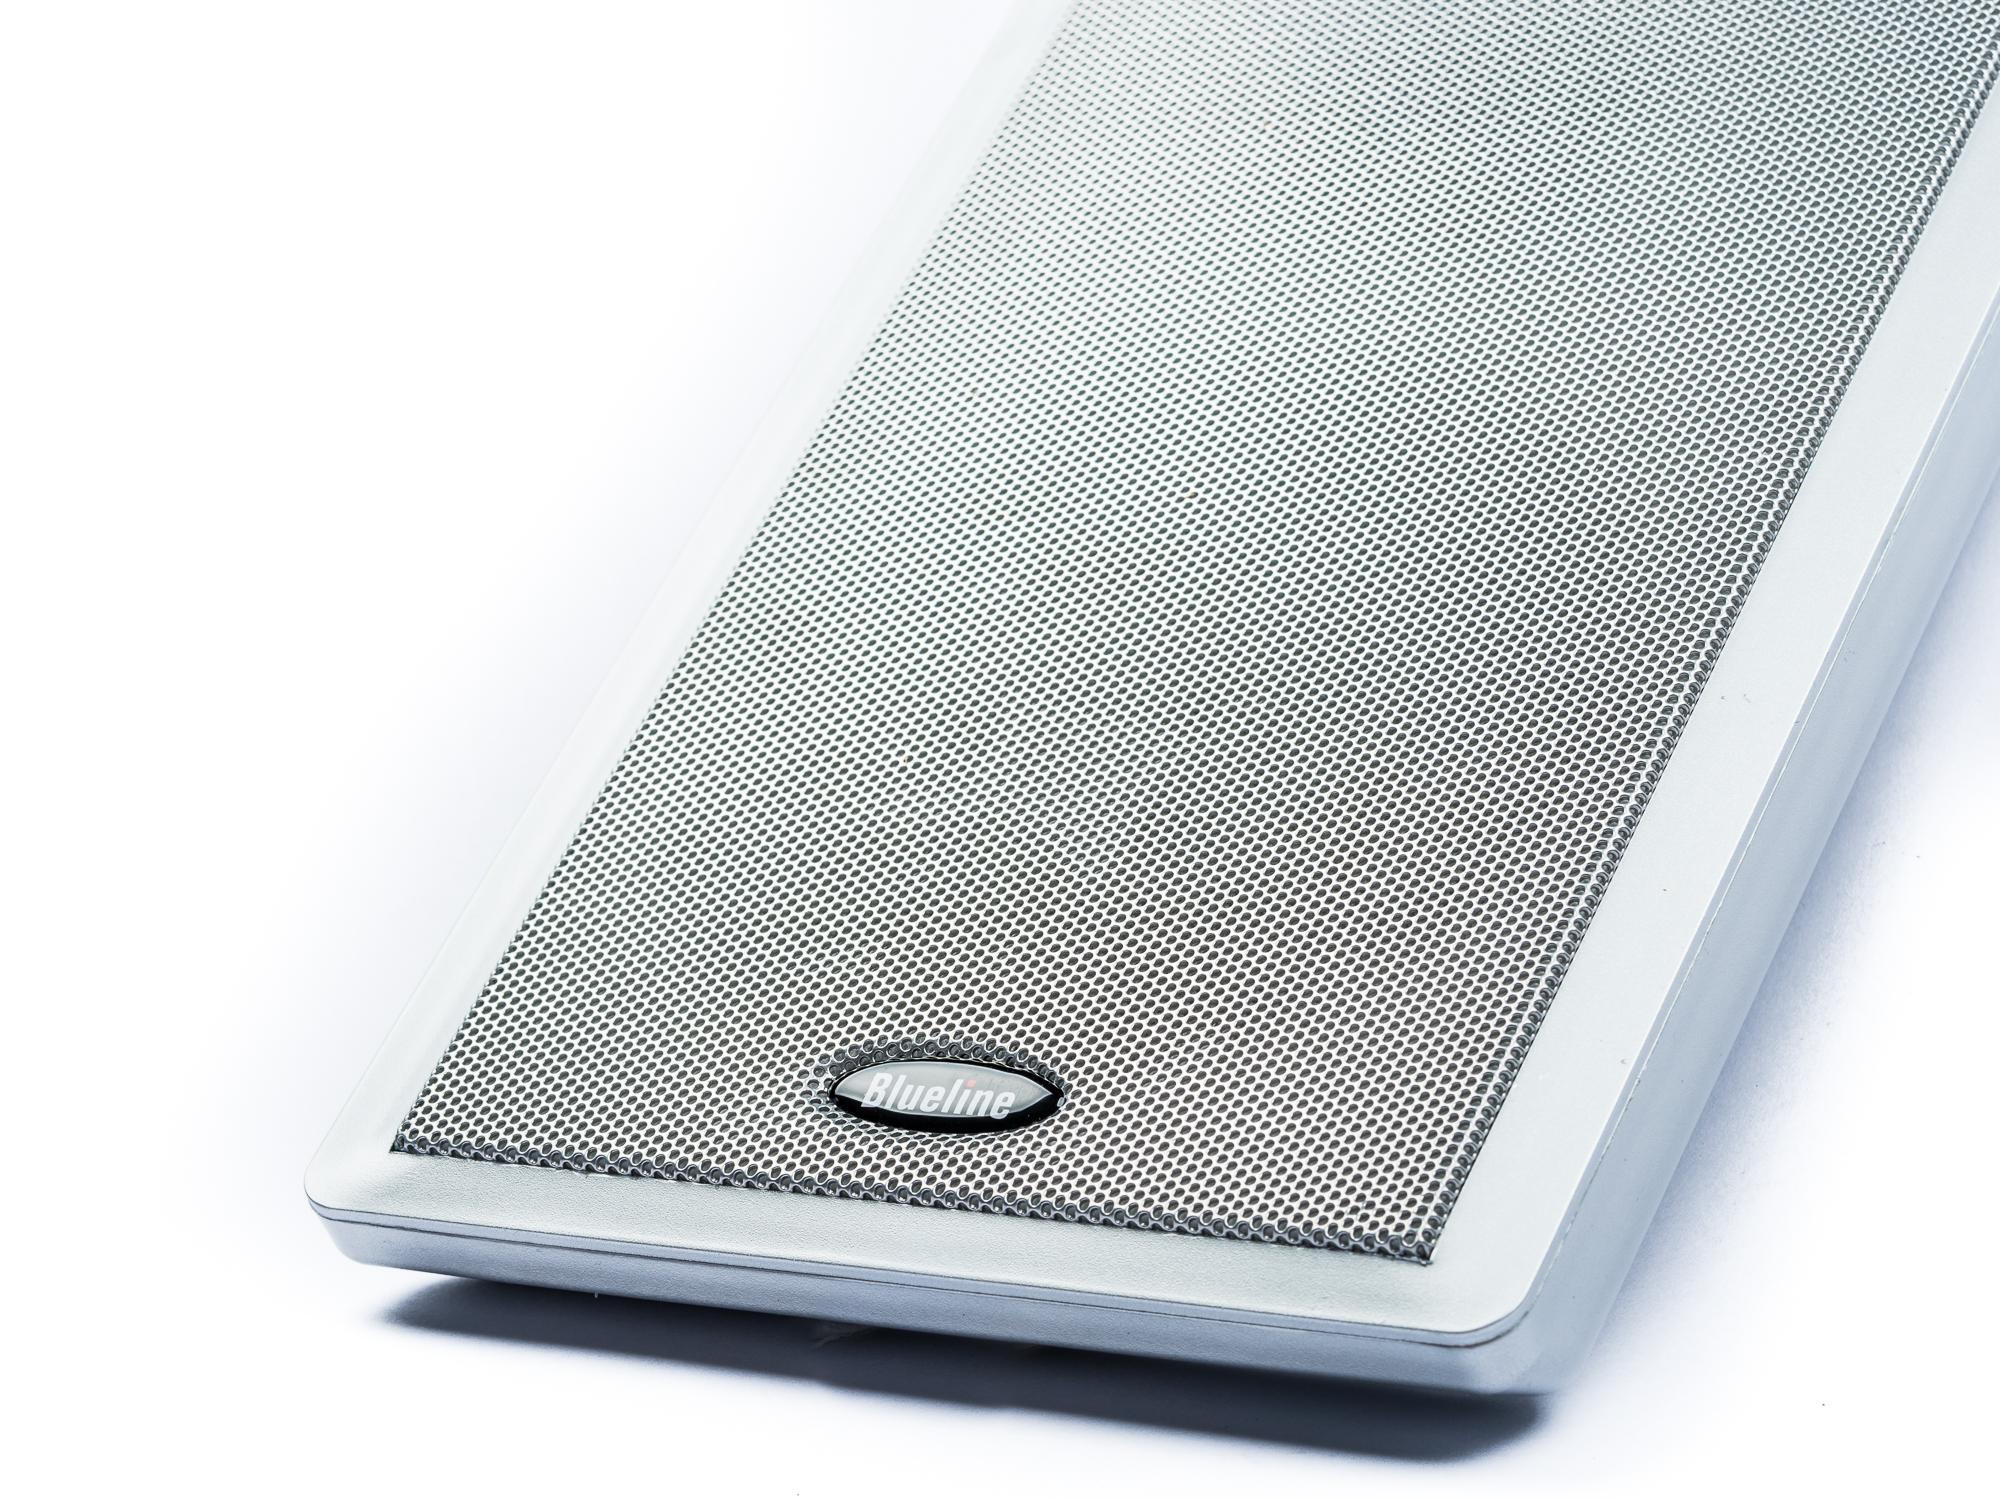 Blueline Flachlautsprecher für Dolby Atmos  2 Wege, 40 Watt Paar silber – Bild 2